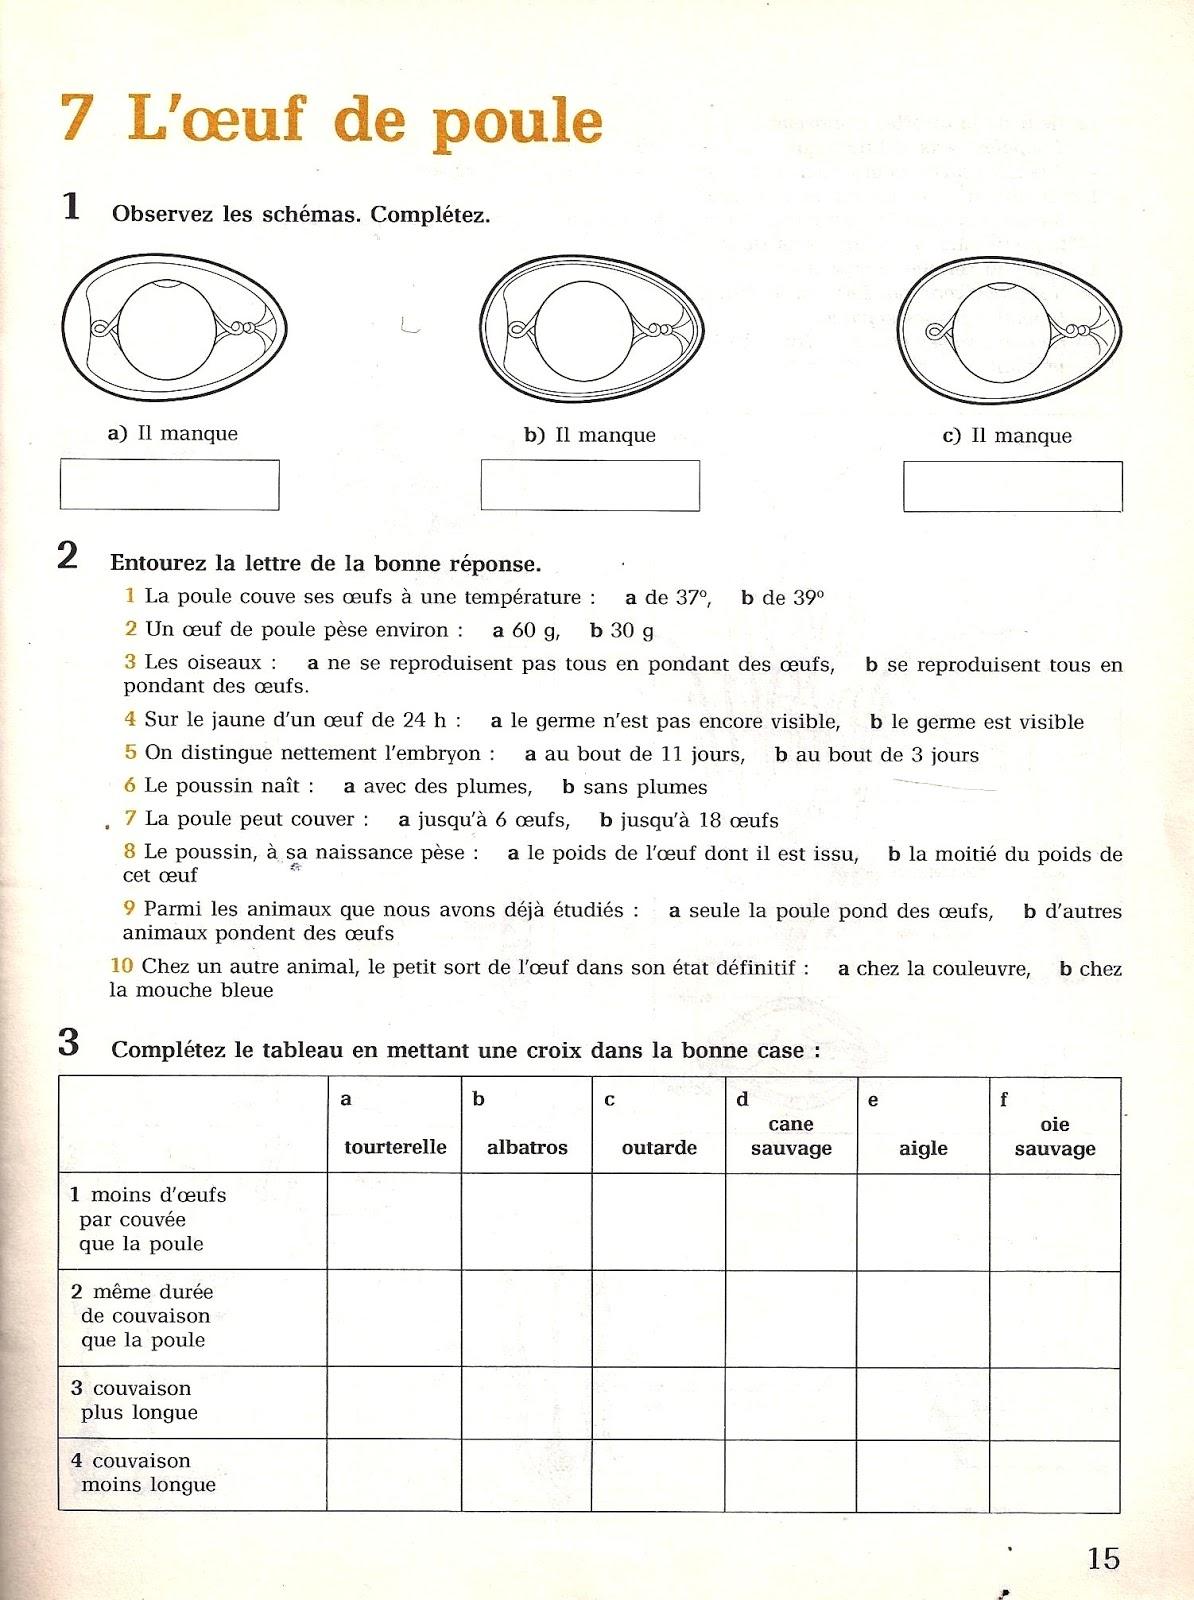 Manuels anciens 7 l uf de poule for Oeuf de poule conservation